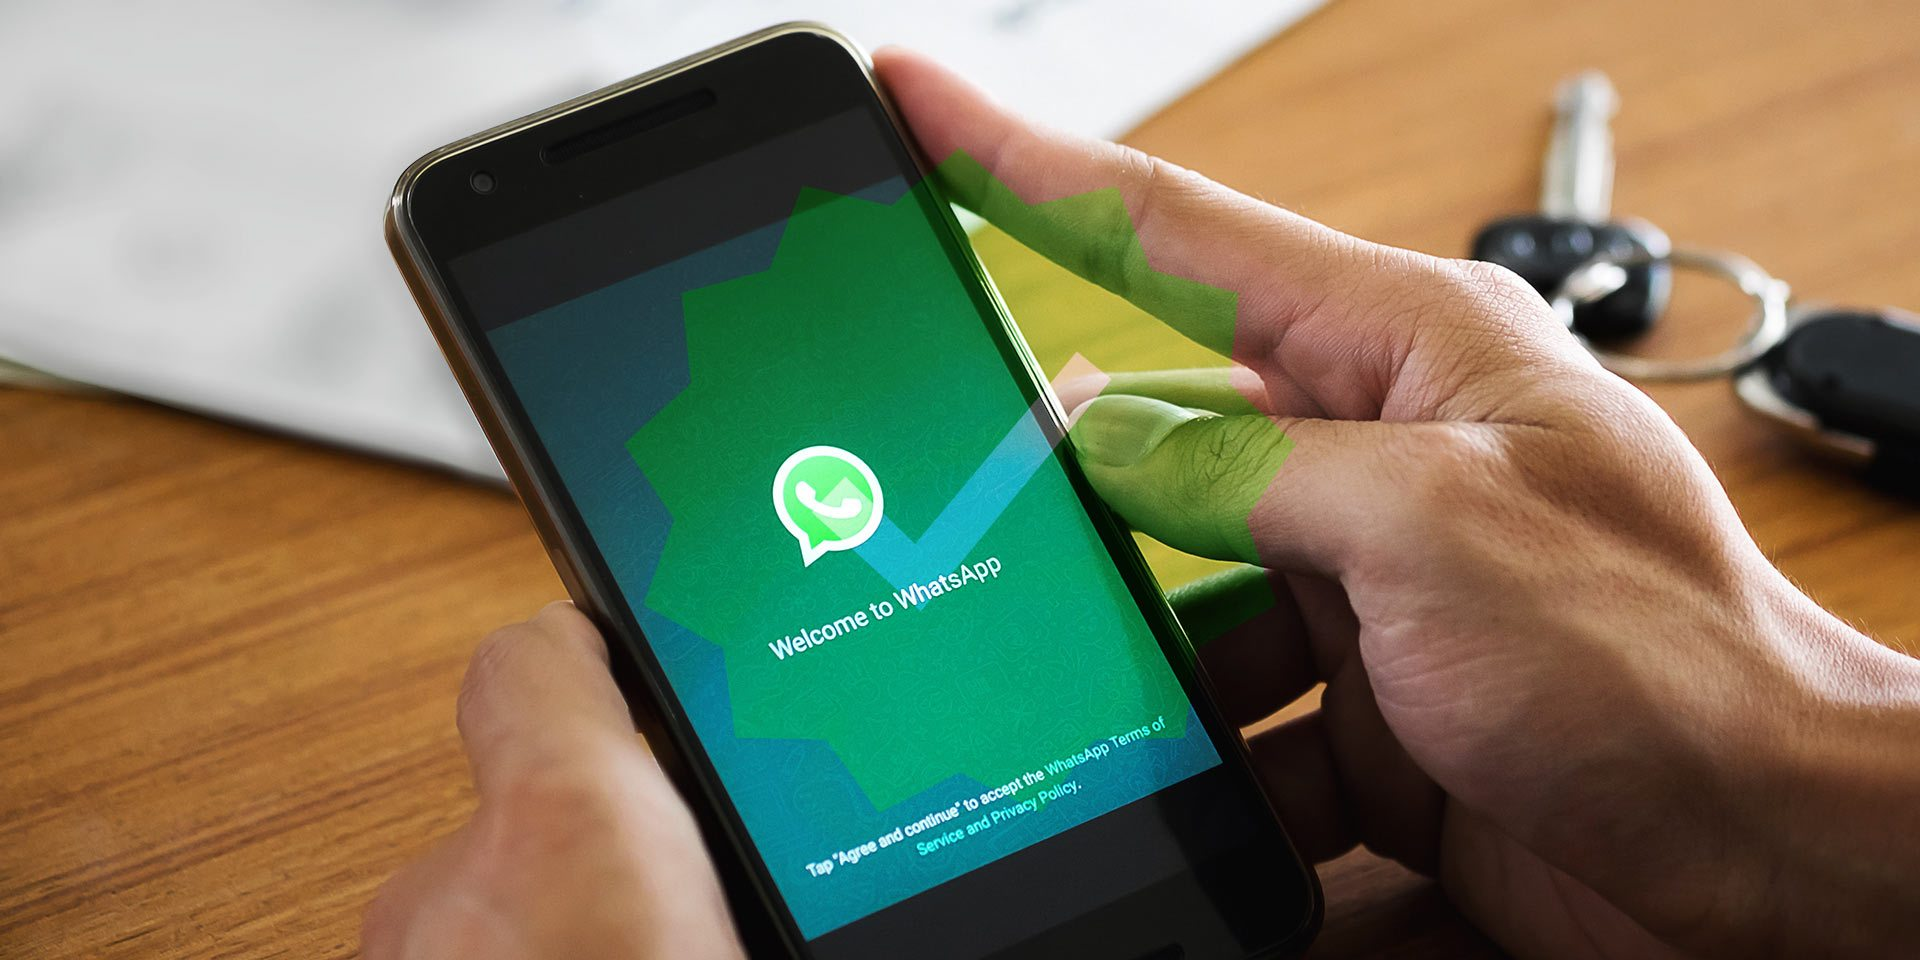 WhatsApp подает в суд на представителей бизнеса, использующих приложение для коммерческих целей